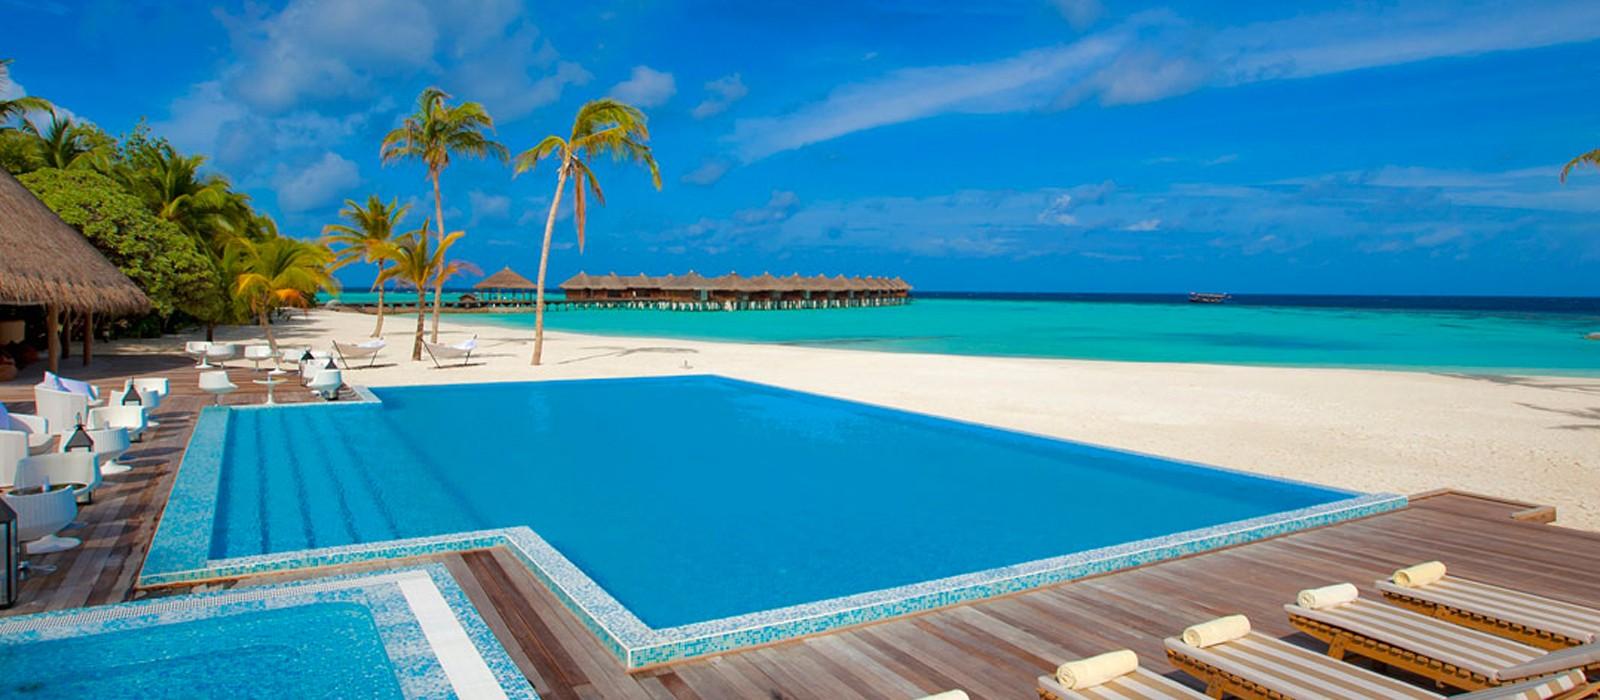 PD Header - Luxury Maldives Honeymoons - Maafushivaru - pool